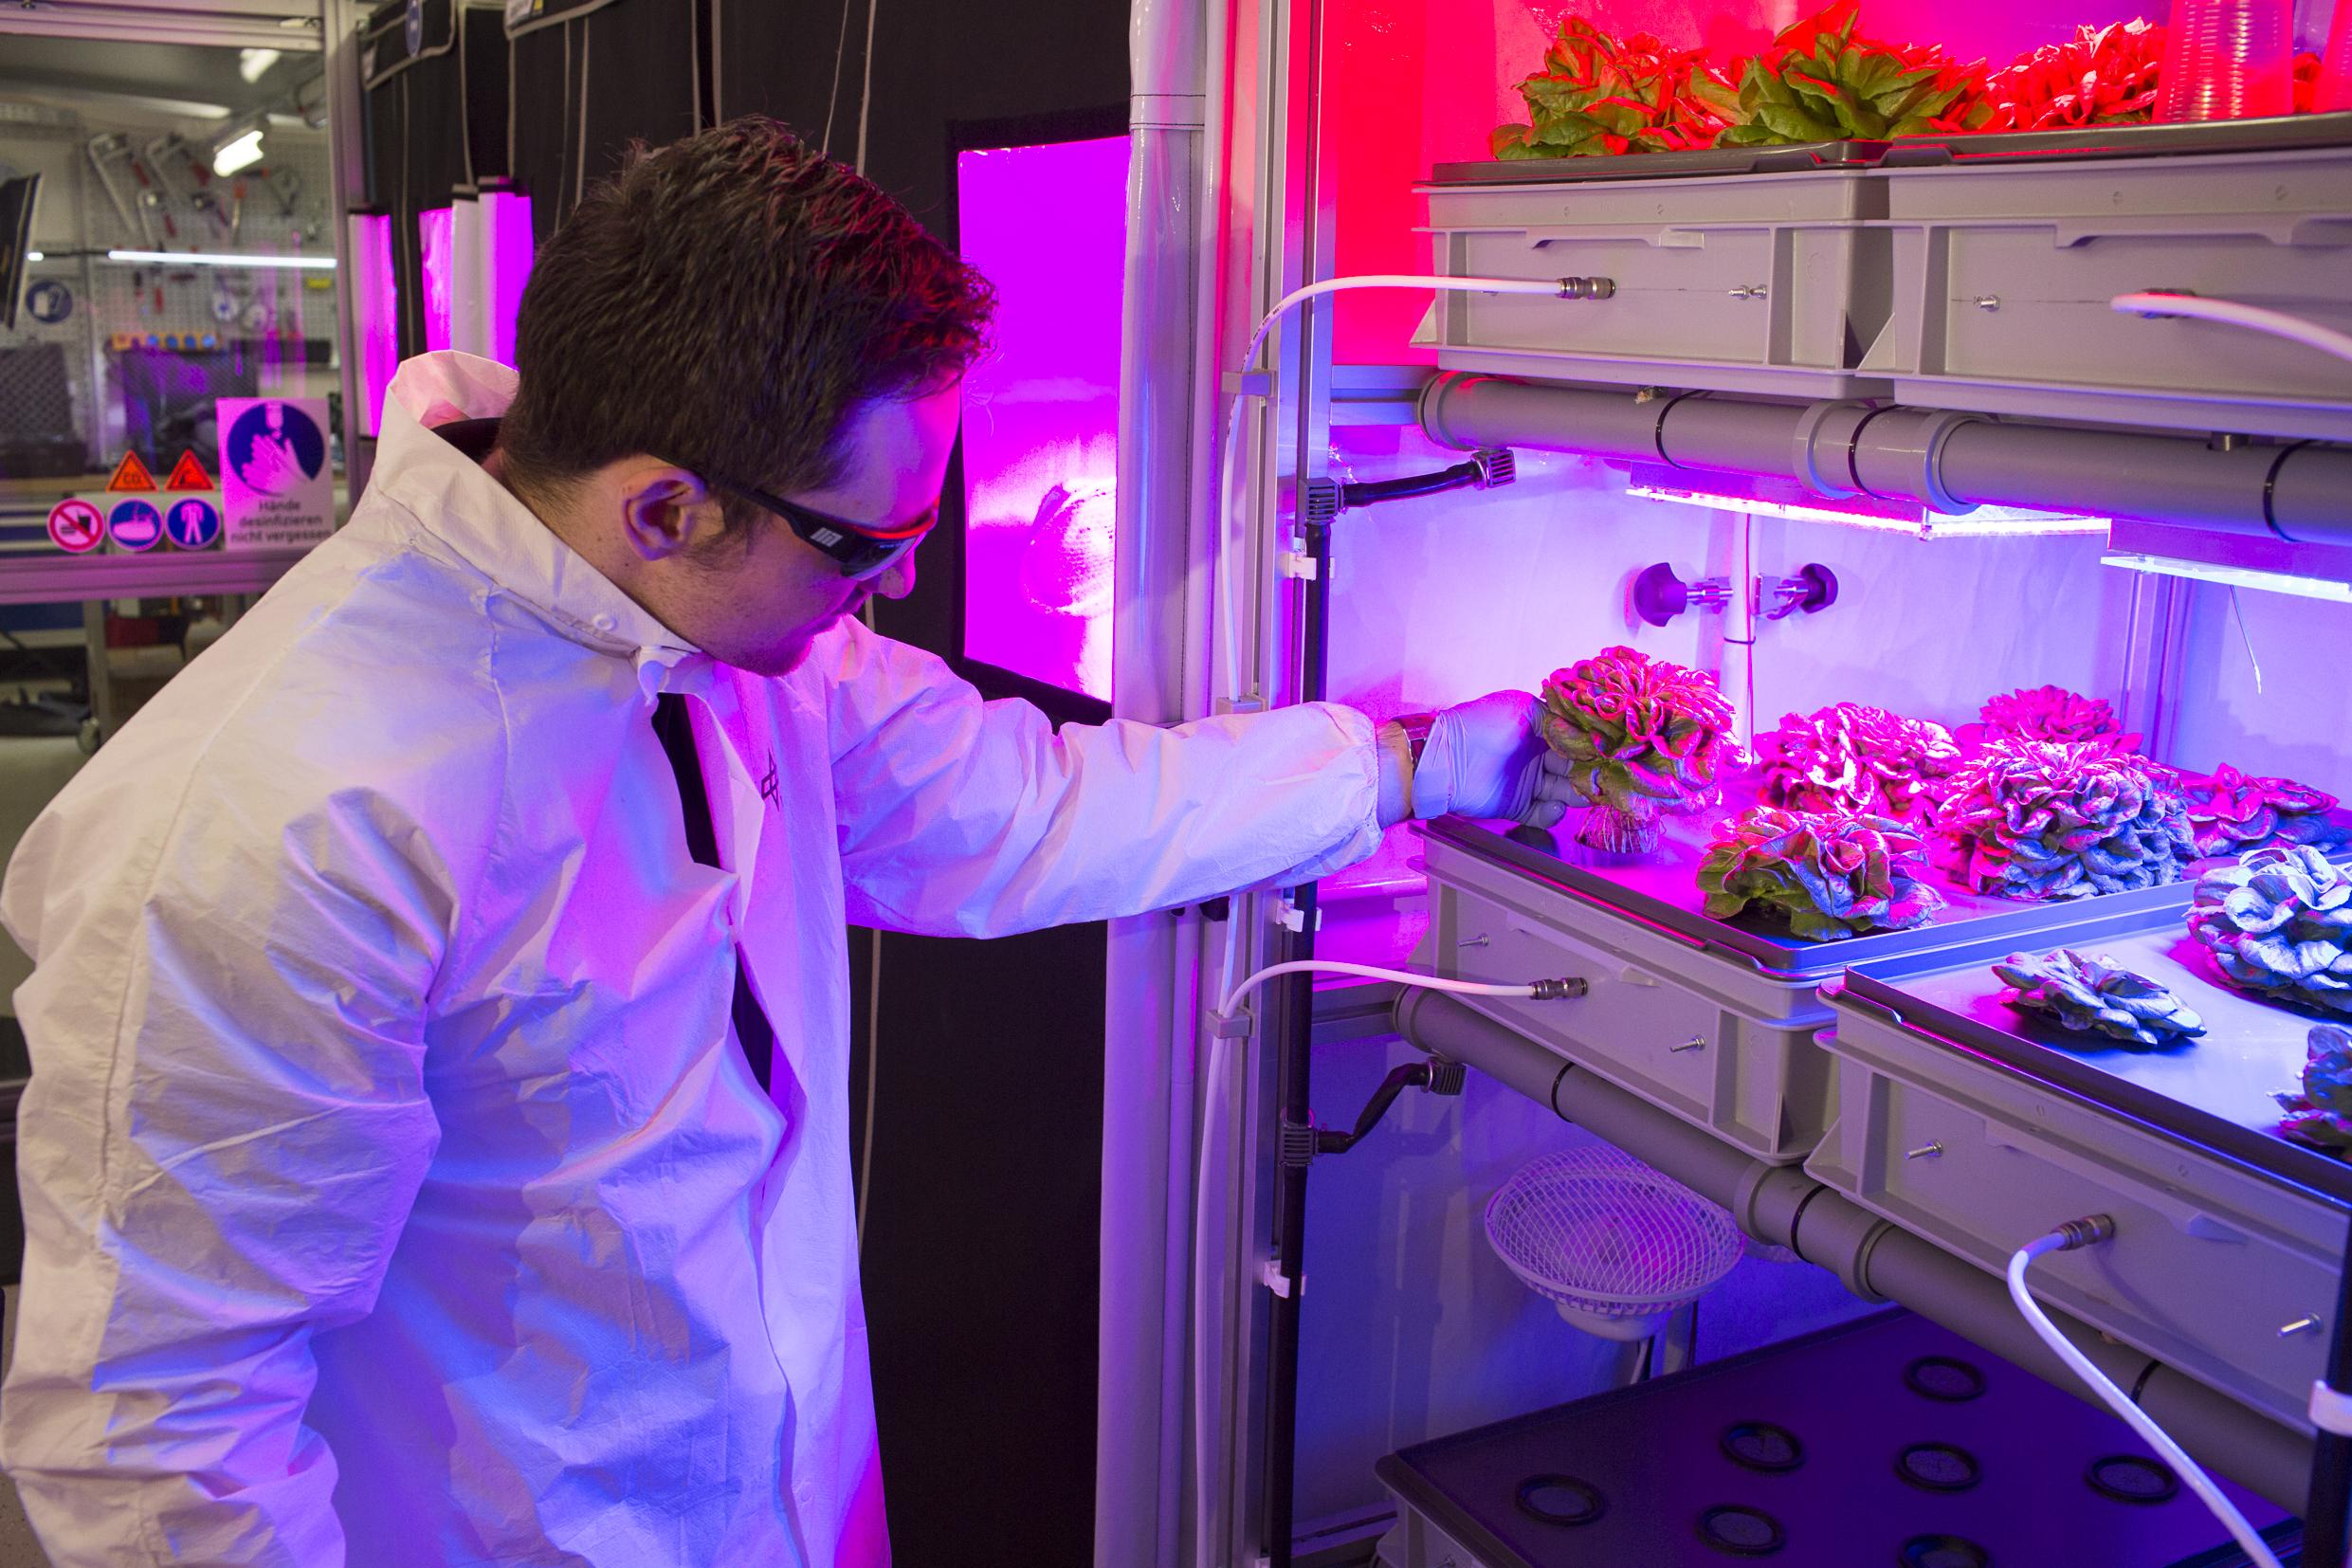 Matt inspecting lettuce